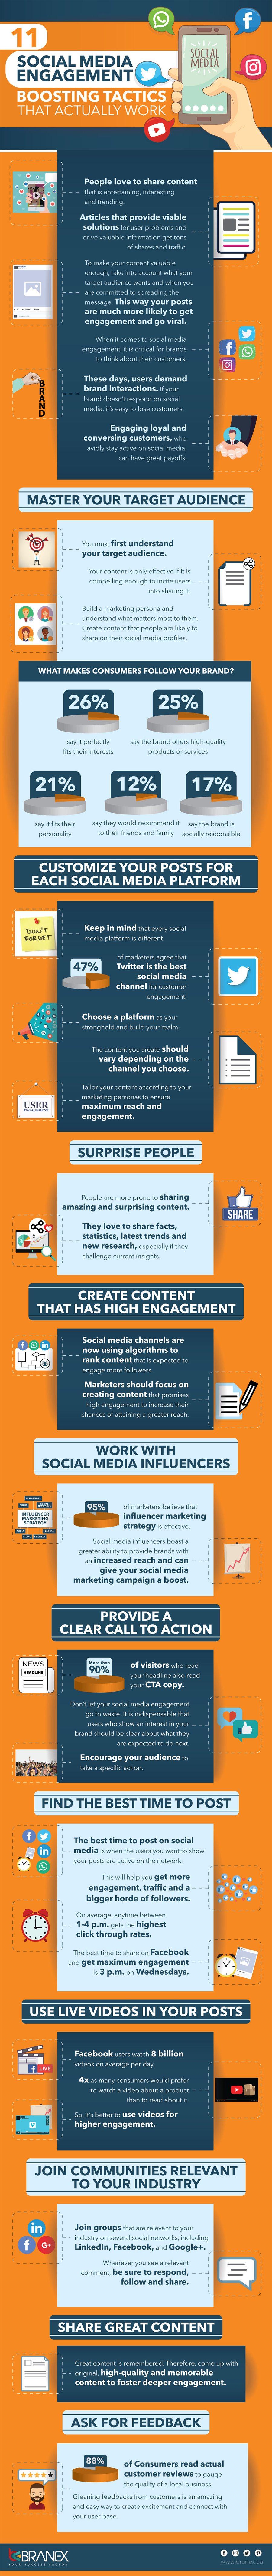 11_social_media_engagement_info.jpg